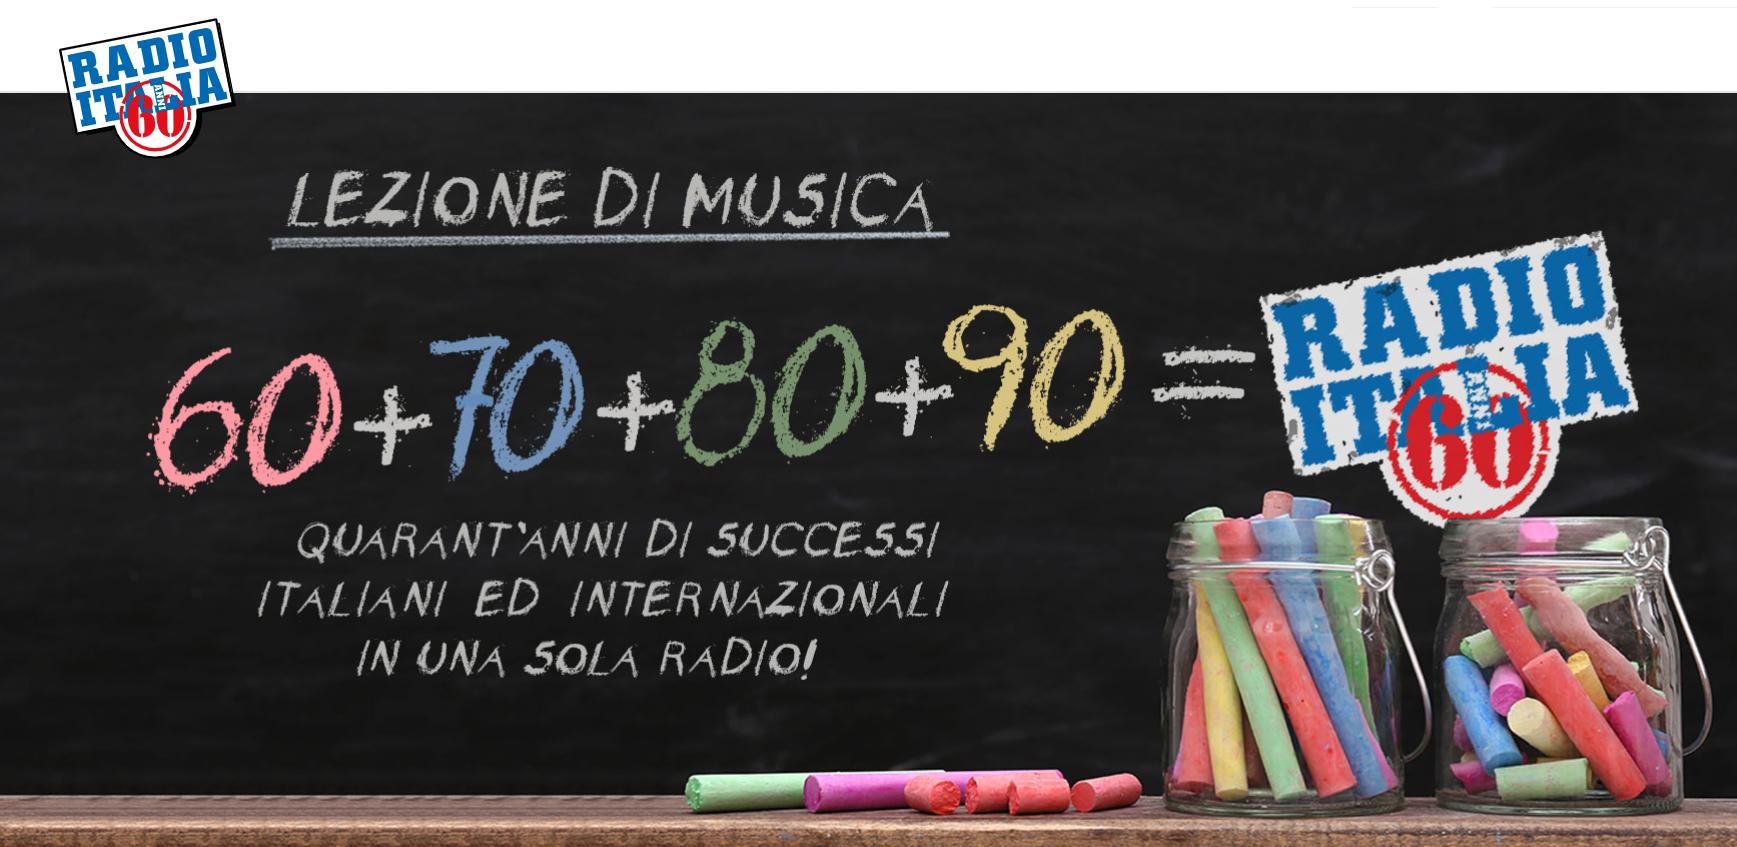 radio italia anni 60 - Radio. Emilia Romagna: panoramica completa sui dati TER 2018, a confronto con quelli del 2017. Nuova clamorosa impresa di Radio Bruno, che sfiora il primato assoluto